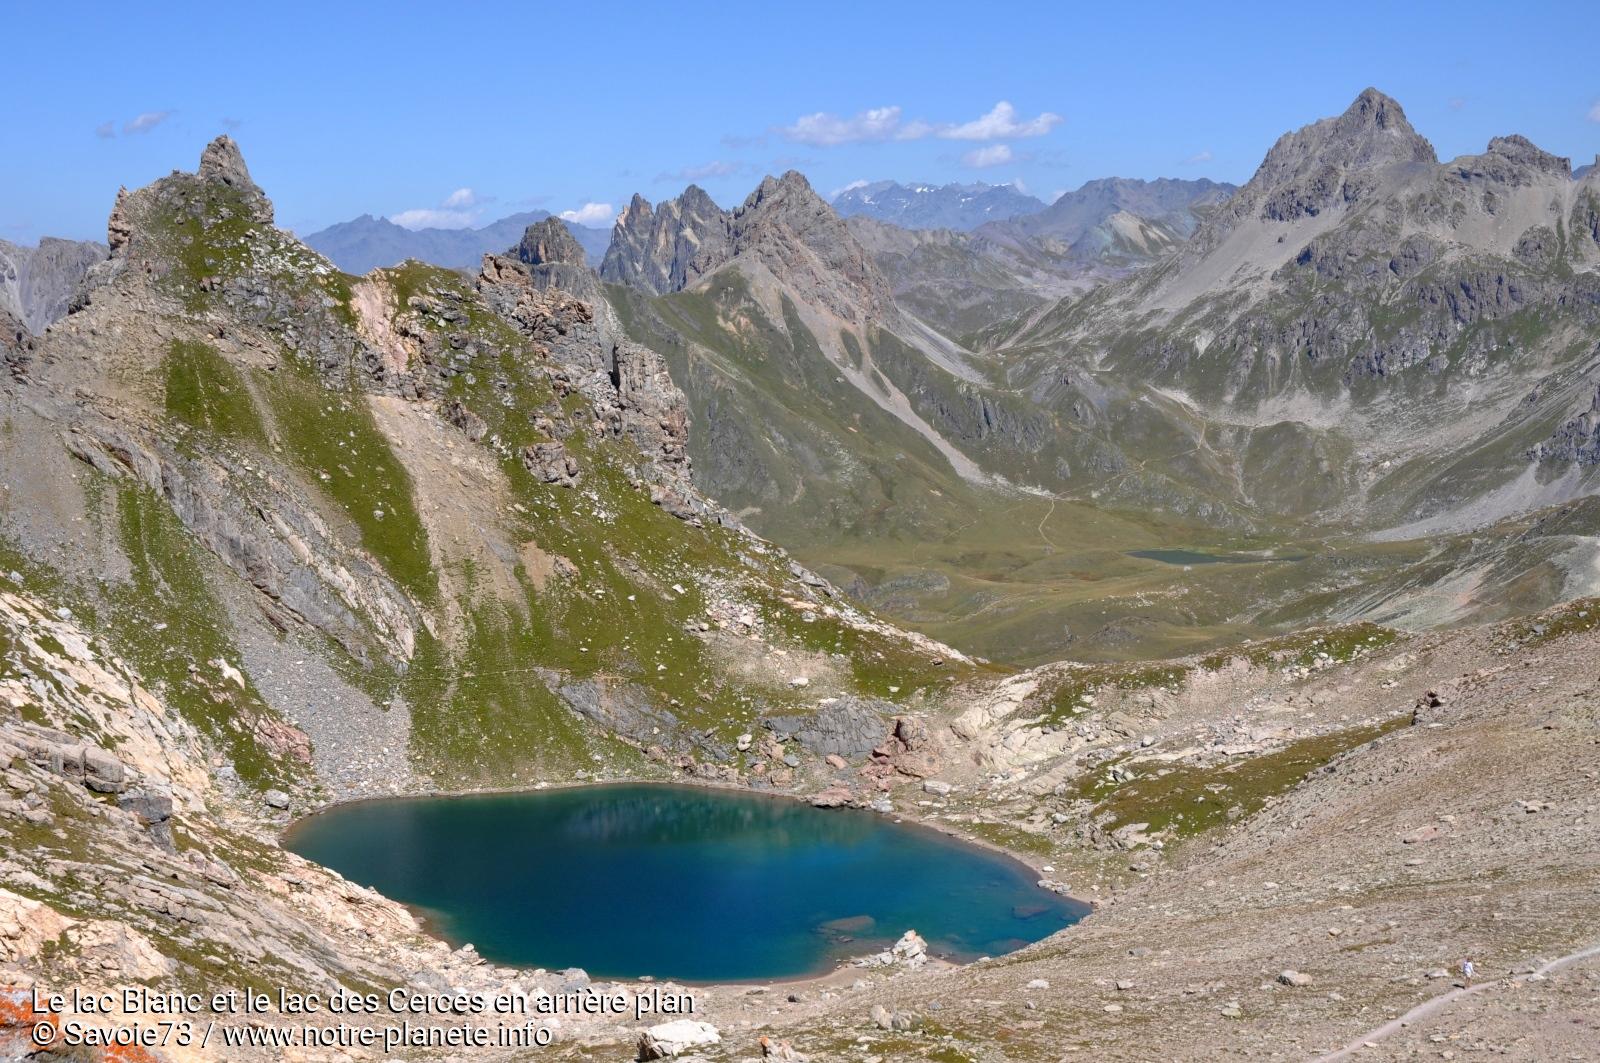 Le lac Blanc et le lac des Cerces en arrière plan